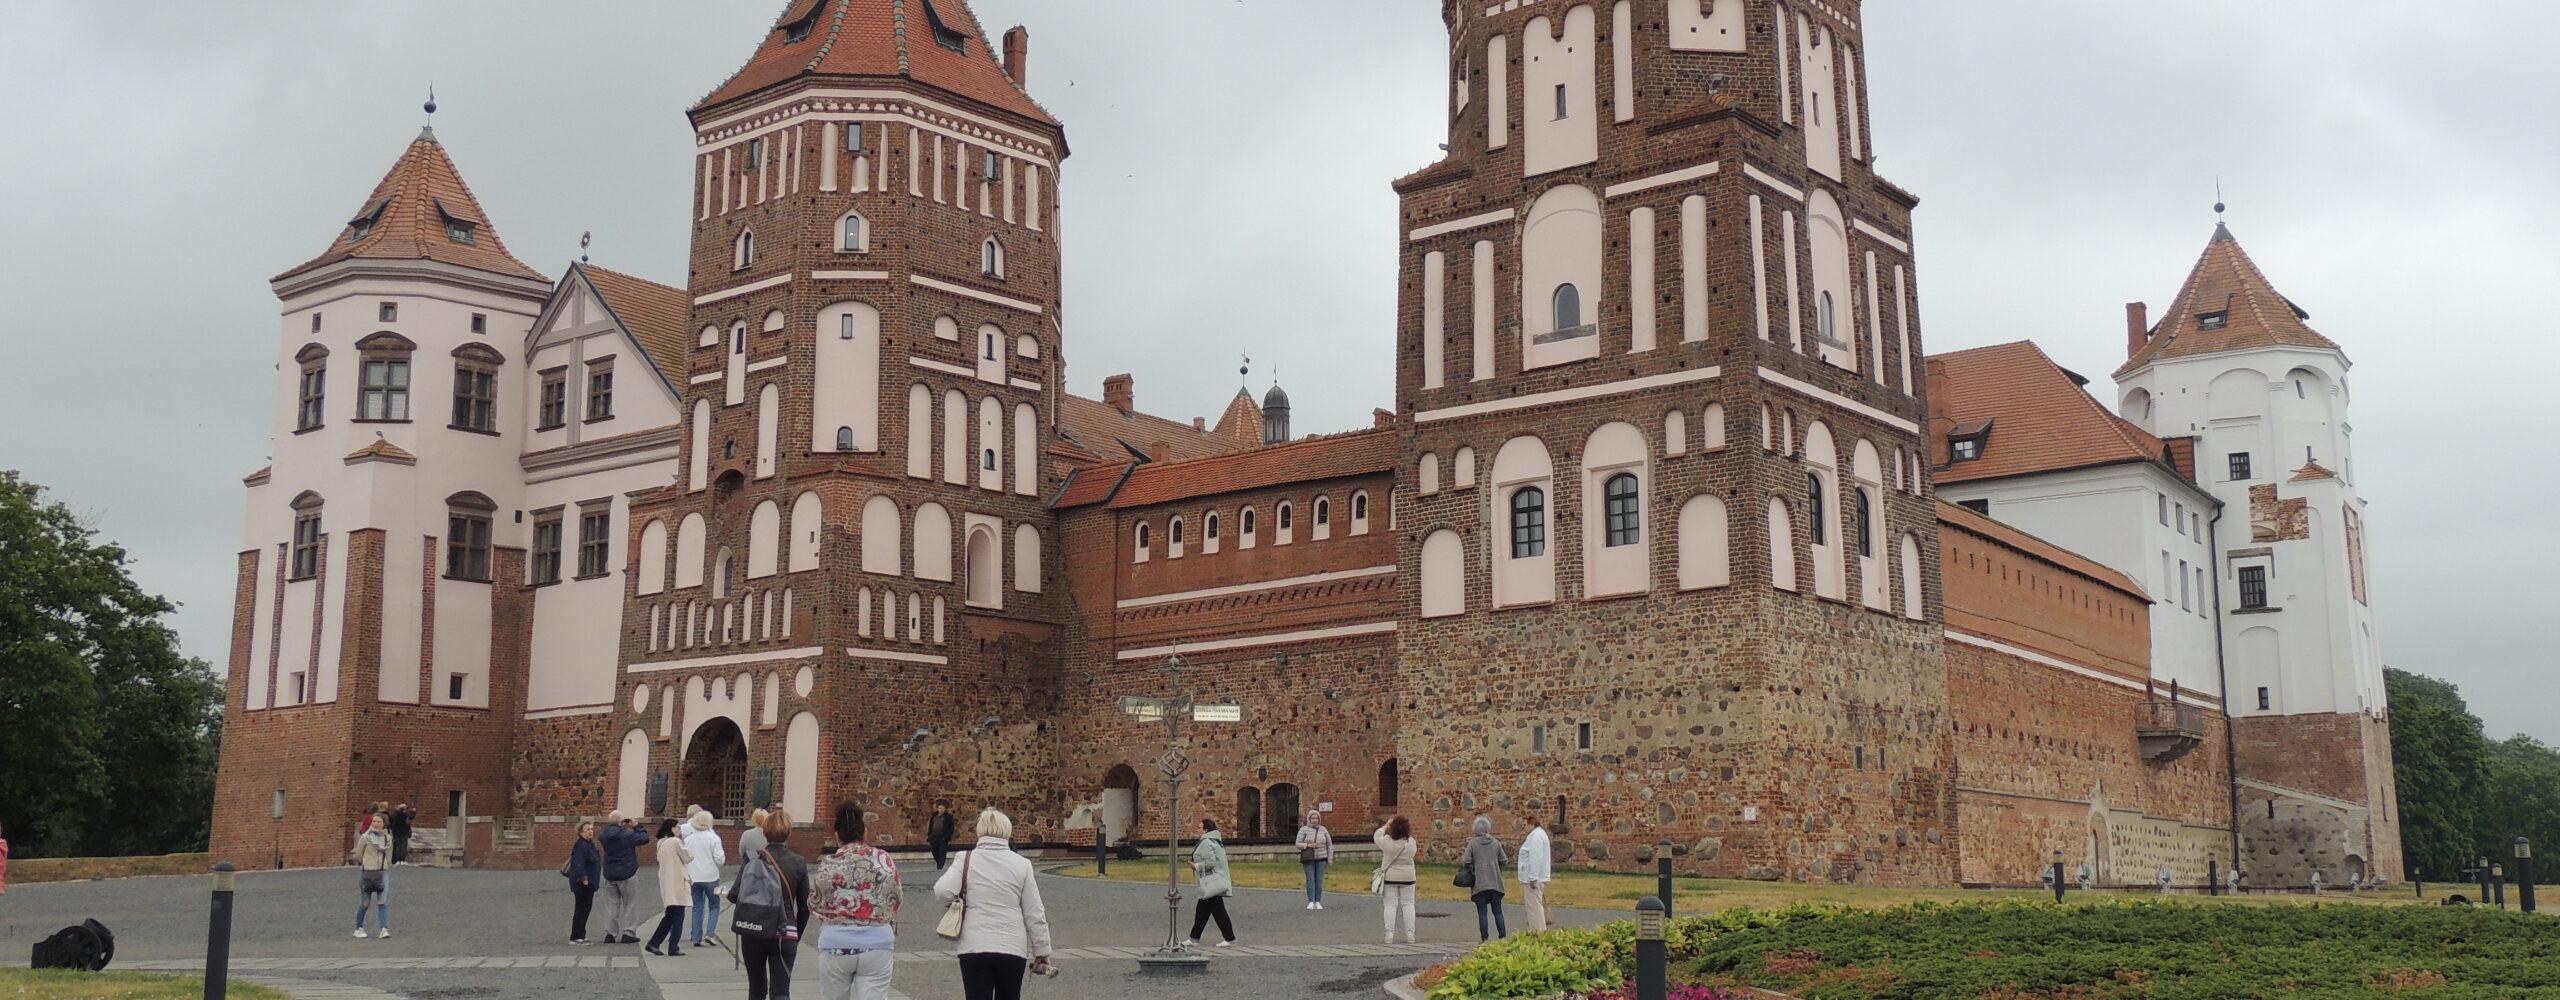 Изсолнечной Сибири вдождливую Беларусь. Часть 3: Мирский замок